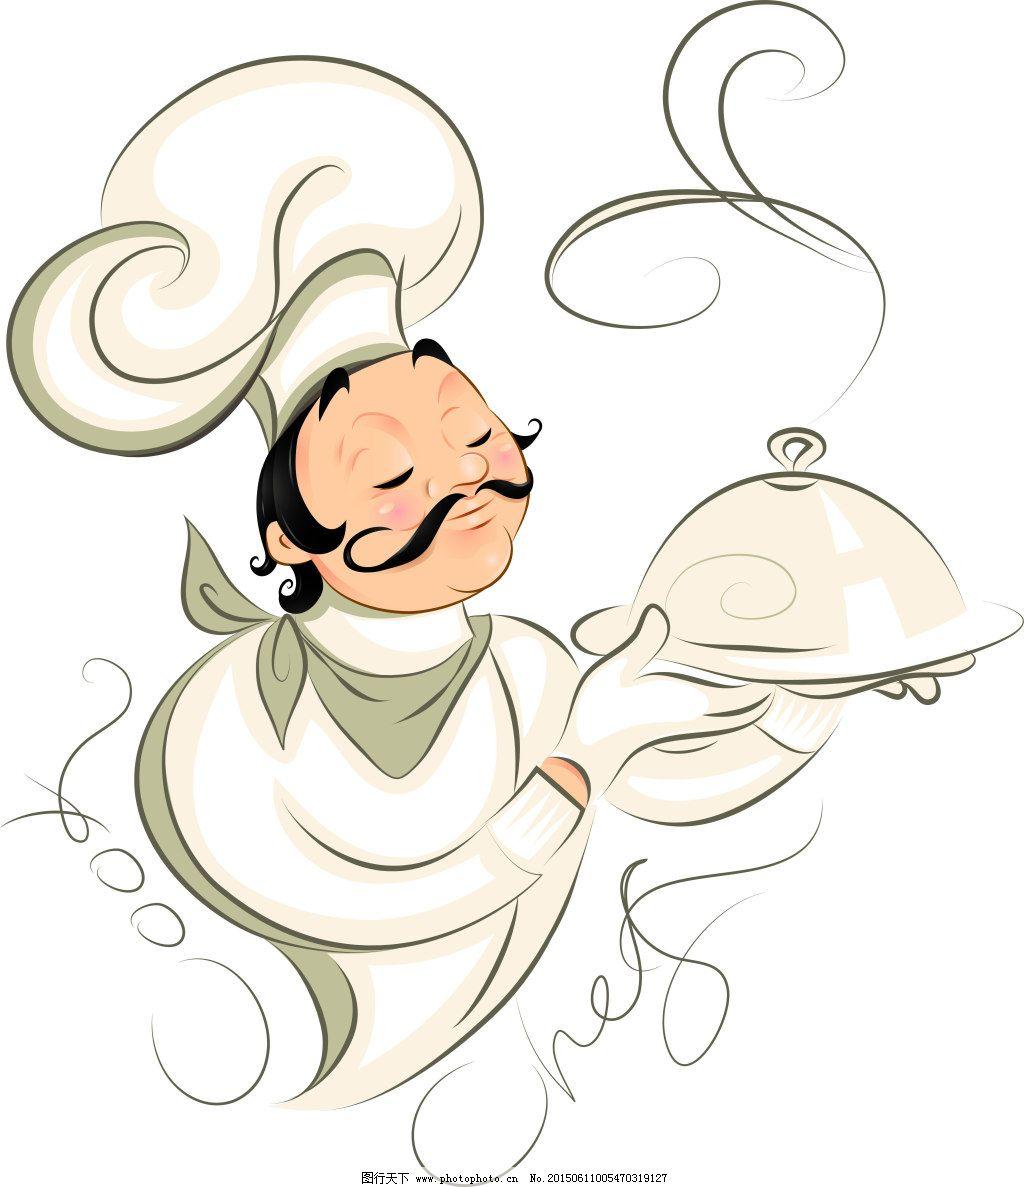 卡通厨师免费下载 人物 职业 卡通 手绘 厨师 矢量图 矢量人物